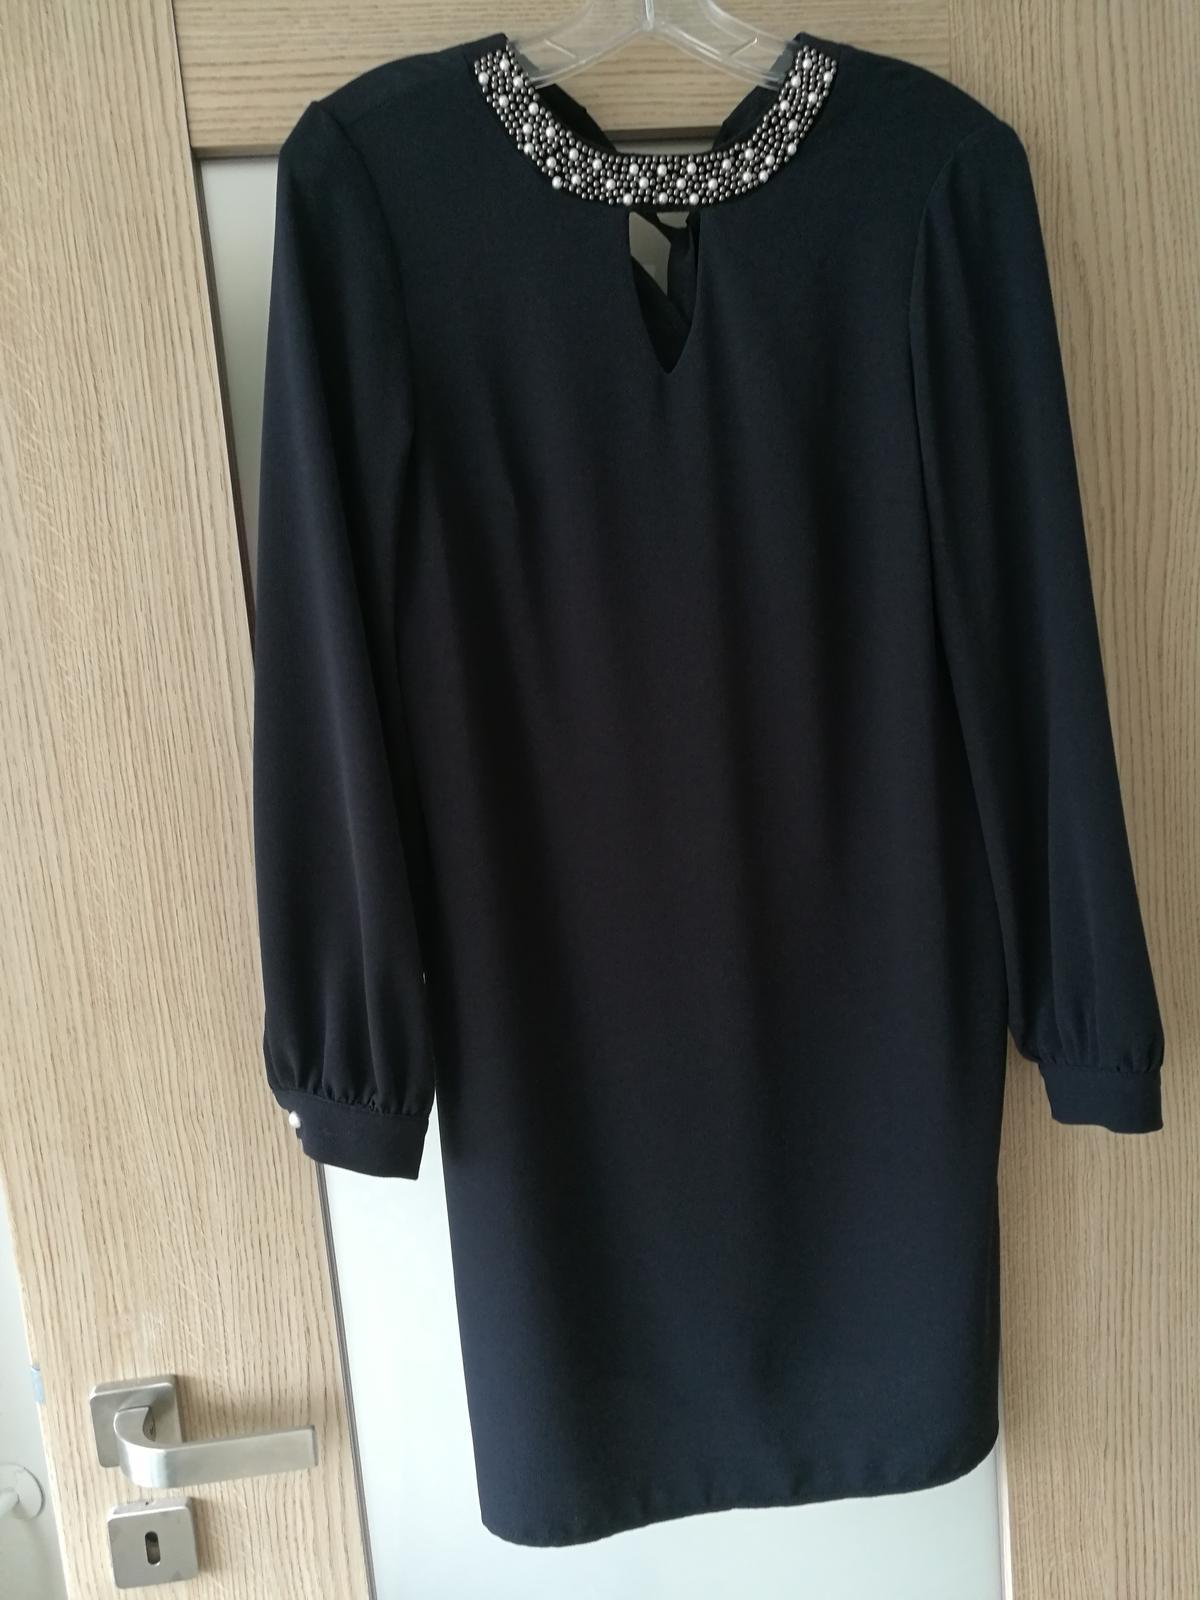 Šaty s dlouhým rukávem - Obrázek č. 1